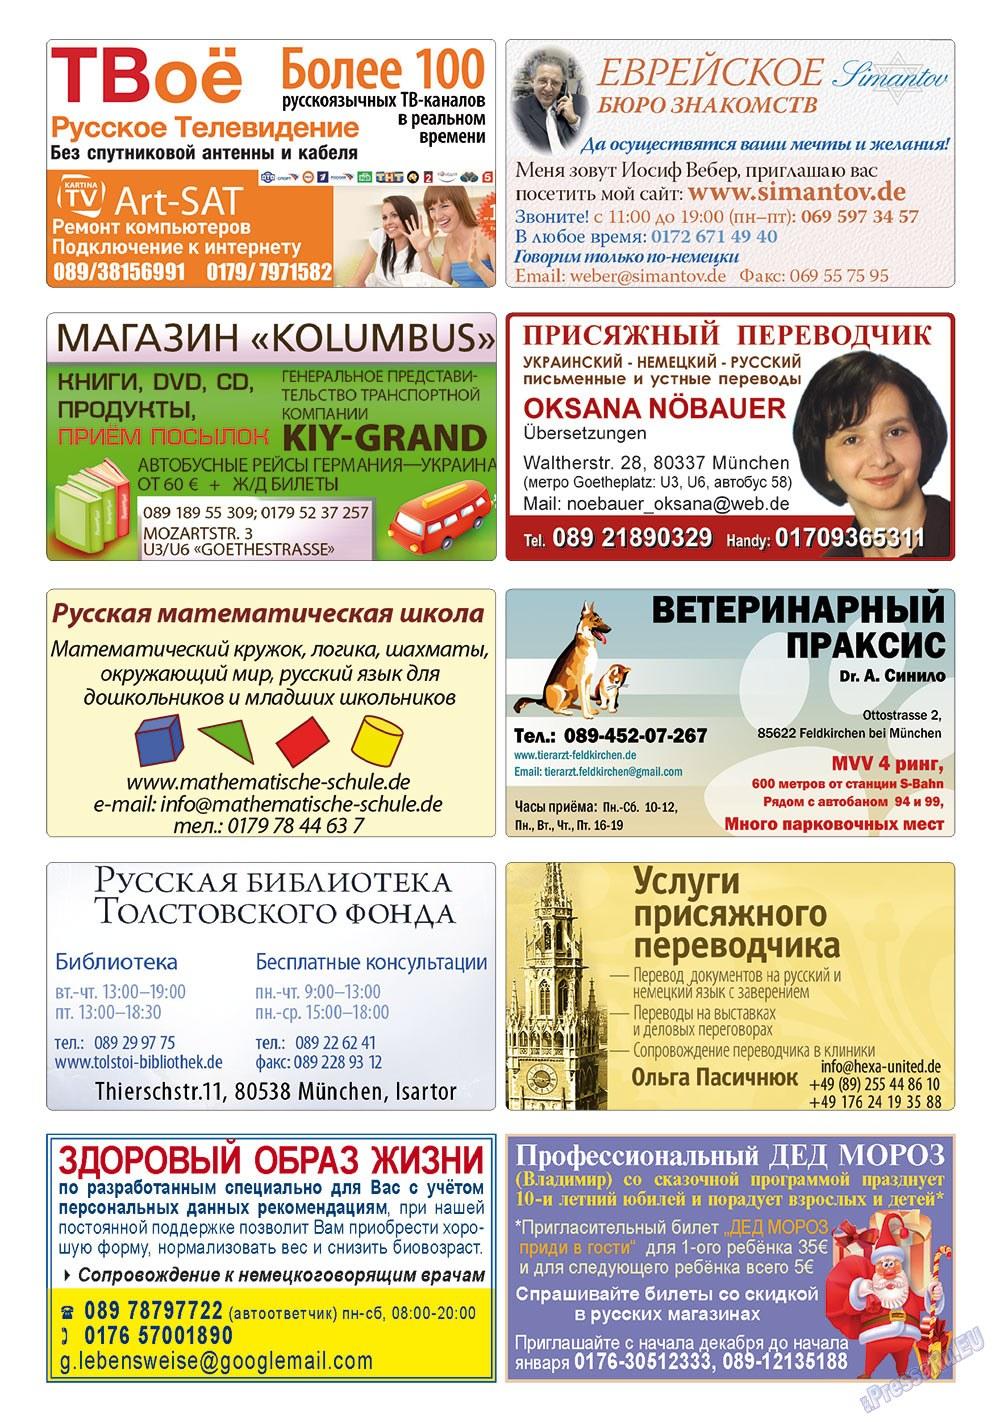 Апельсин (журнал). 2011 год, номер 29, стр. 36